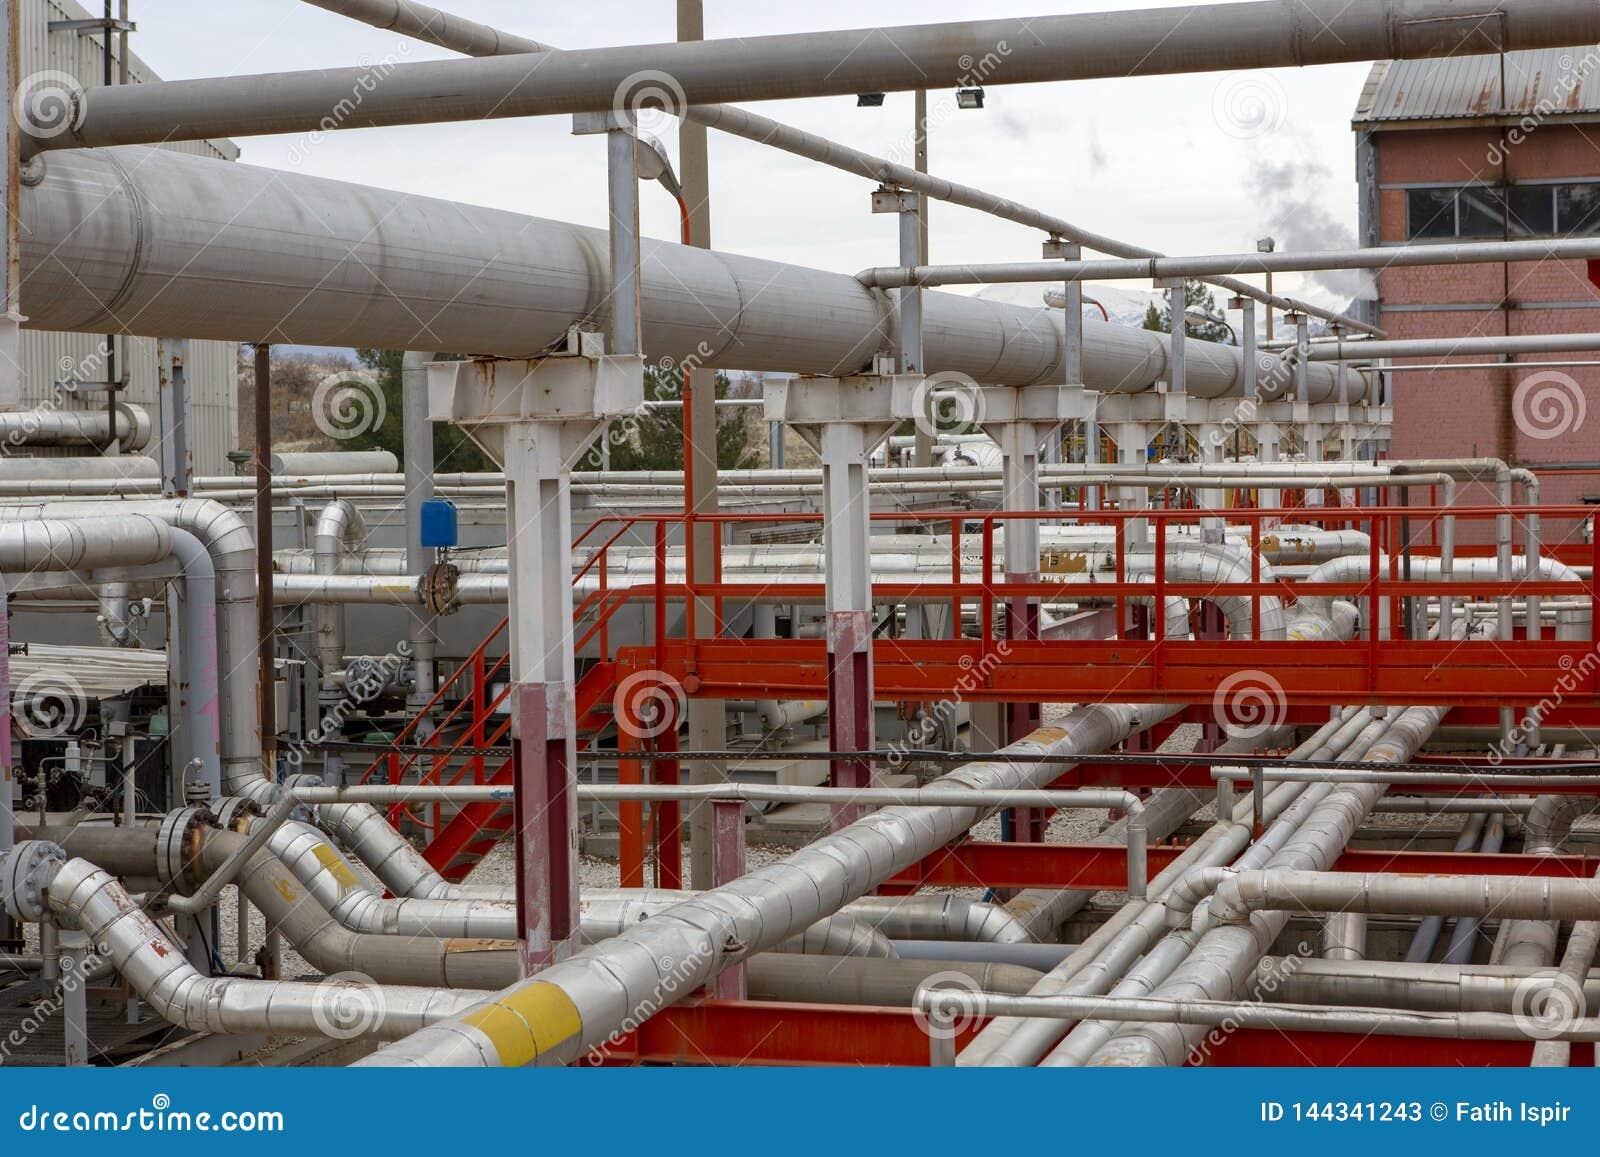 Διοχέτευση με σωλήνες στις εγκαταστάσεις που χρησιμοποιούνται στη βιομηχανία πετρελαίου